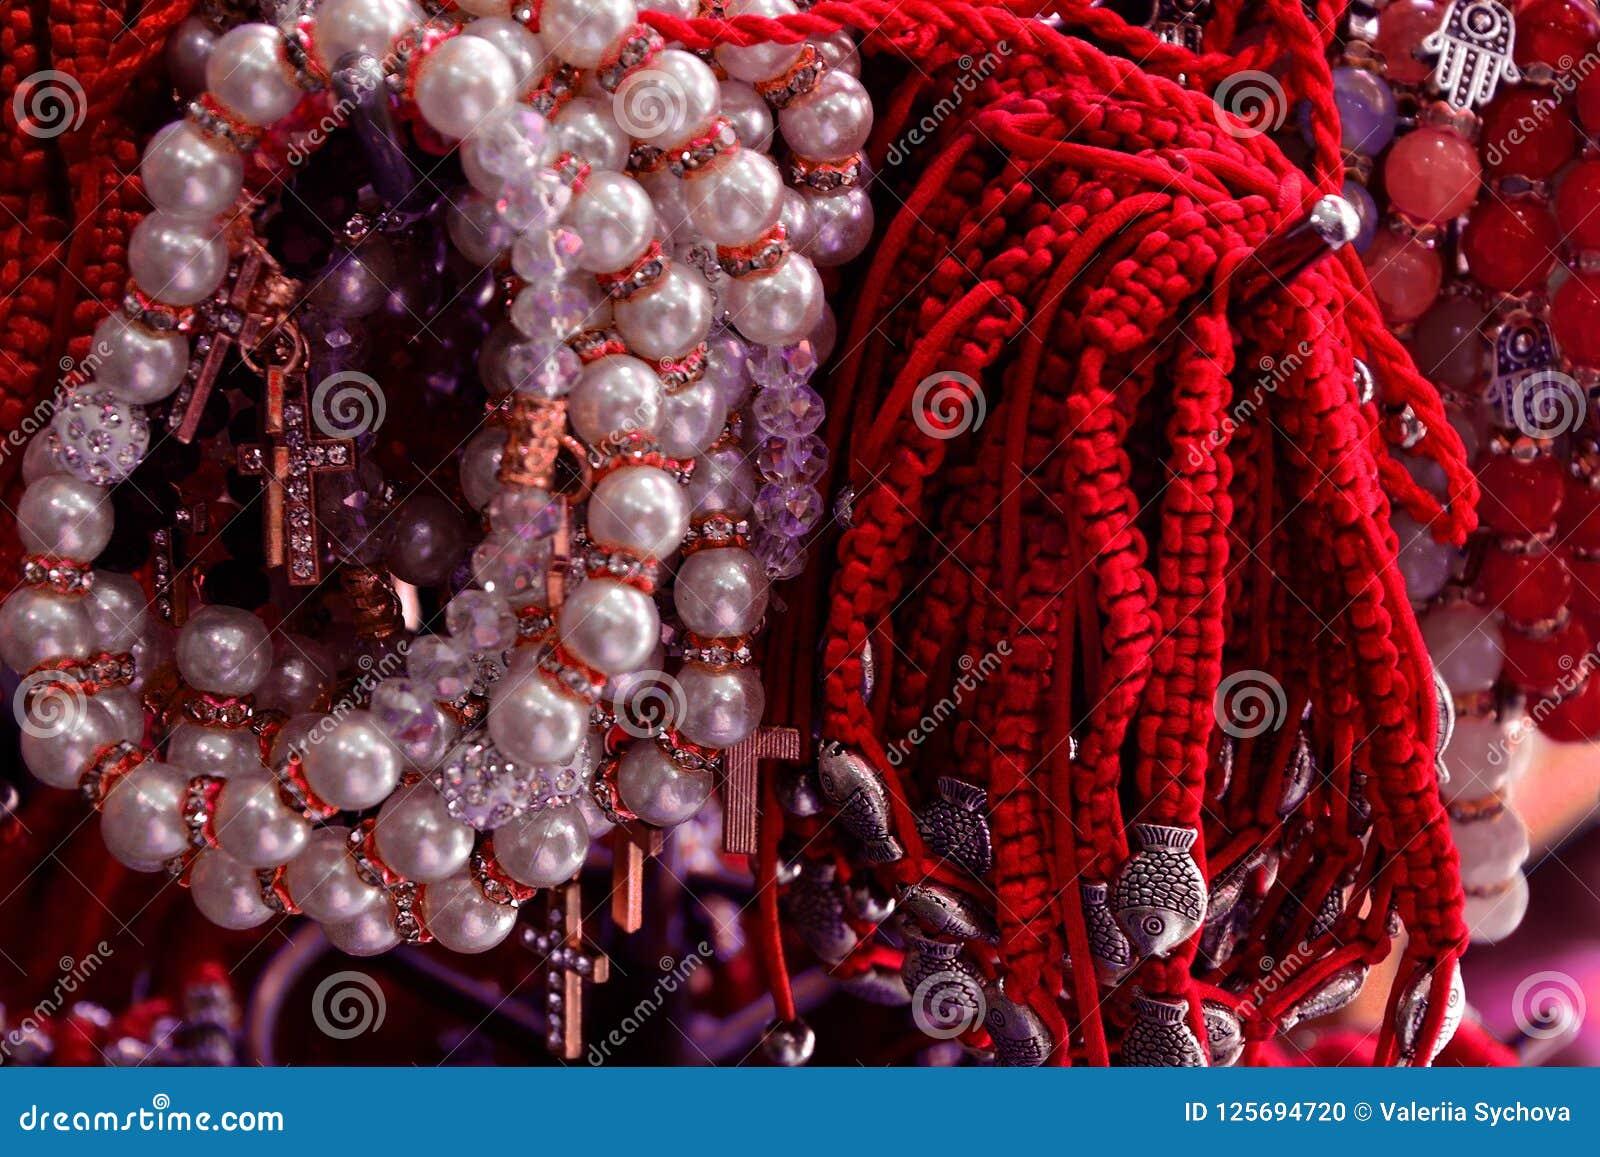 Braccialetto intrecciato dal filo e dalle perle rossi amuleto contro il malocchio sul polso da Gerusalemme, Israele